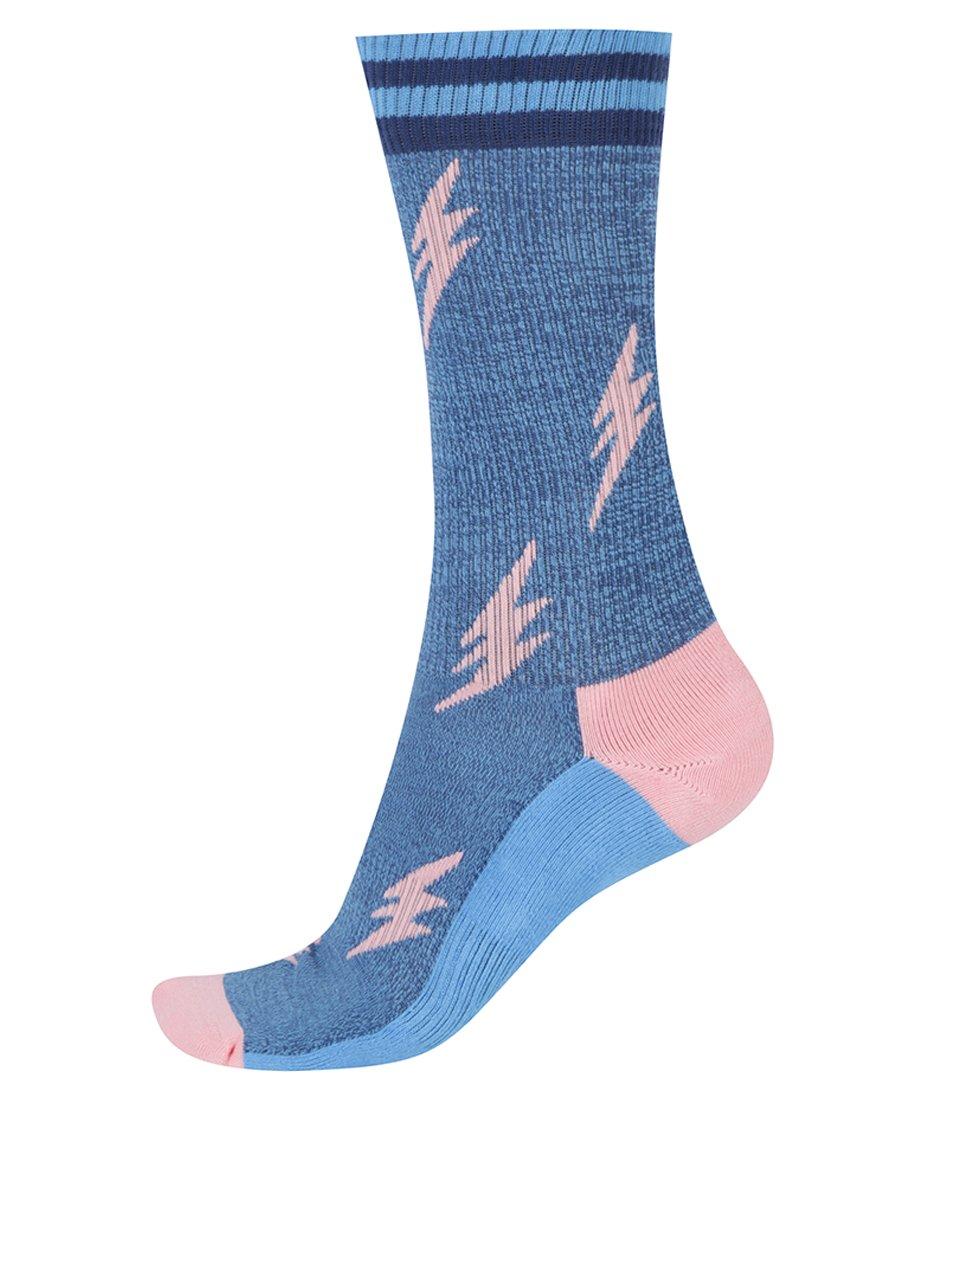 Modré unisex melírované vzorované ponožky Happy Socks Athletic Flash